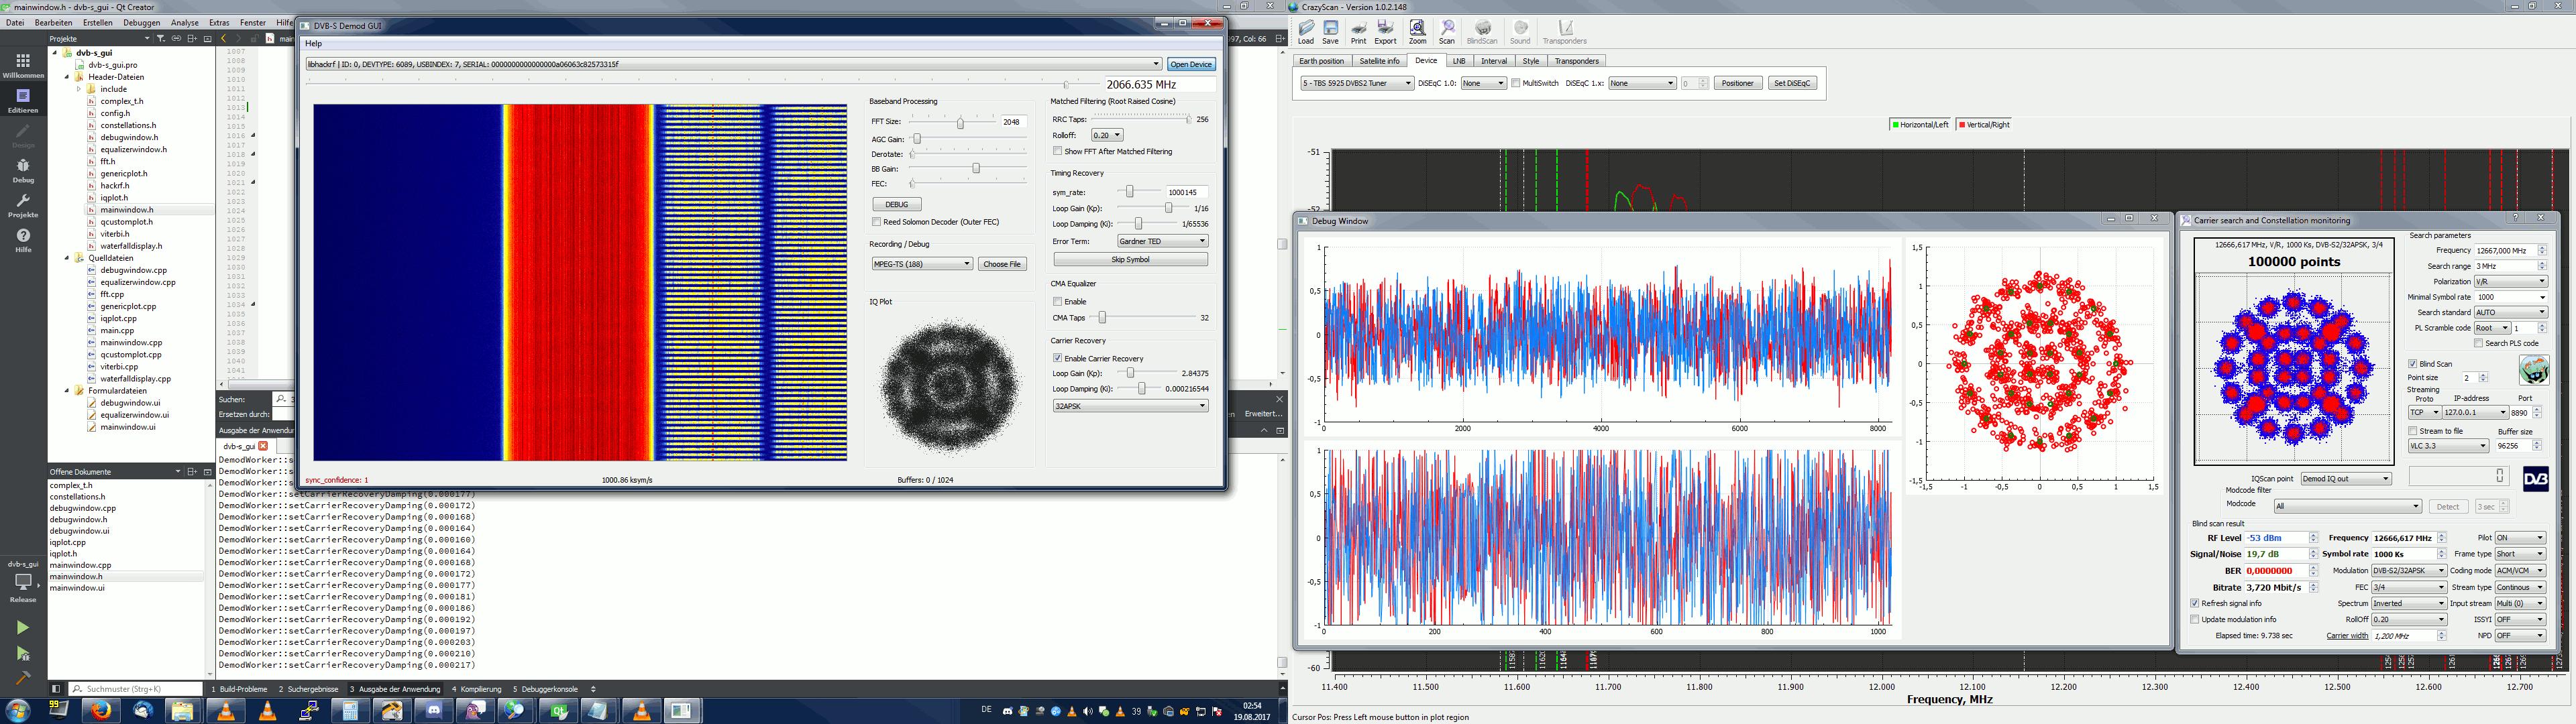 Software DVB-S demodulator - Software - AMSAT Deutschland